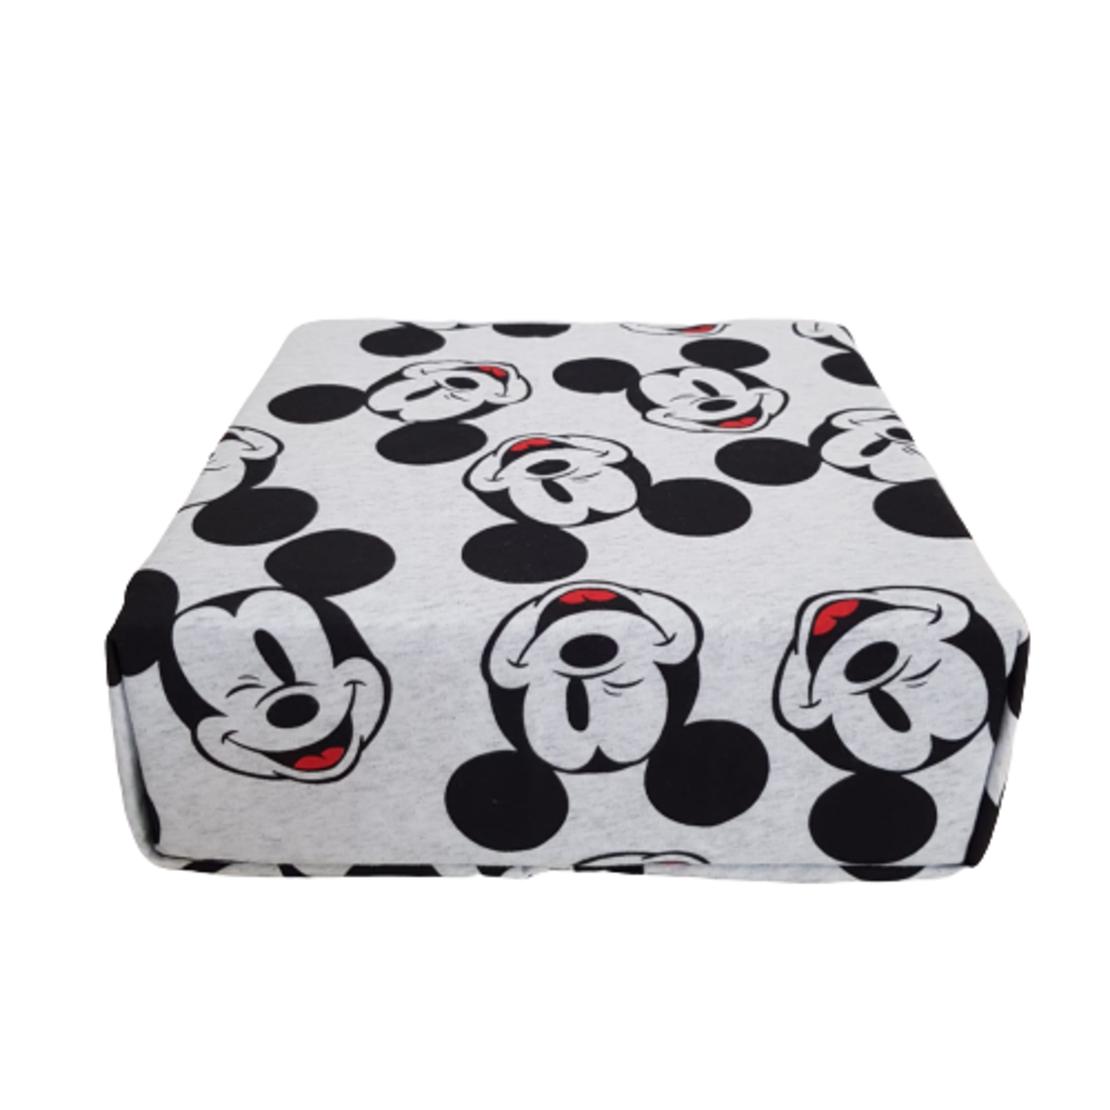 מתנה להולדת הבן - מיקי מאוס שחור לבן